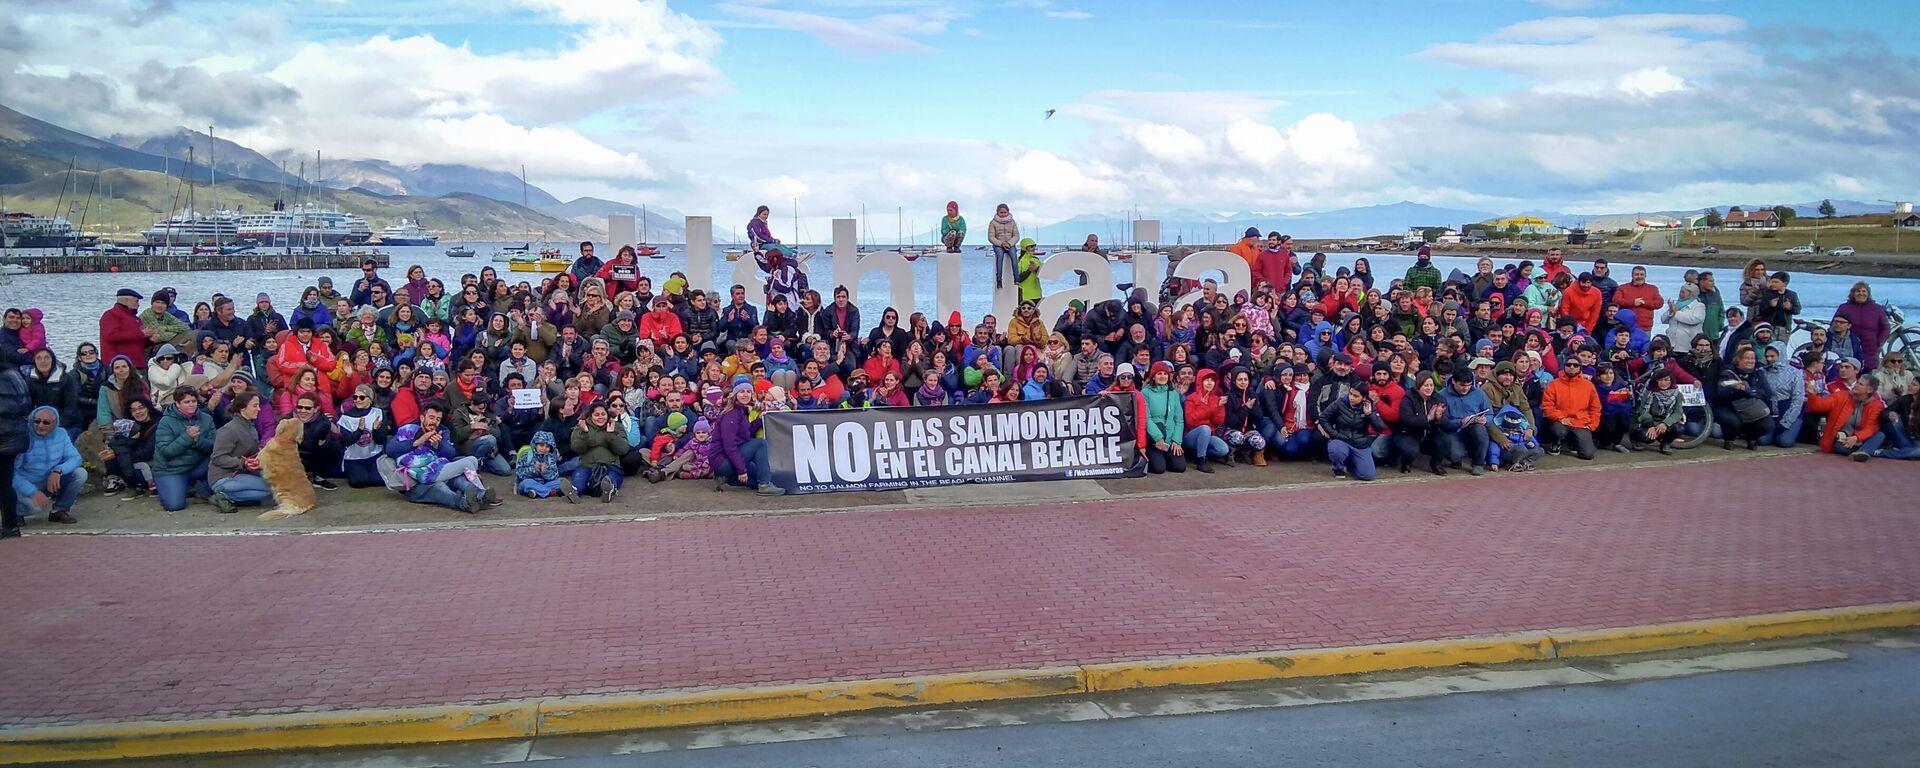 Protestas contra las salmoneras en el canal Beagle - Sputnik Mundo, 1920, 10.07.2021